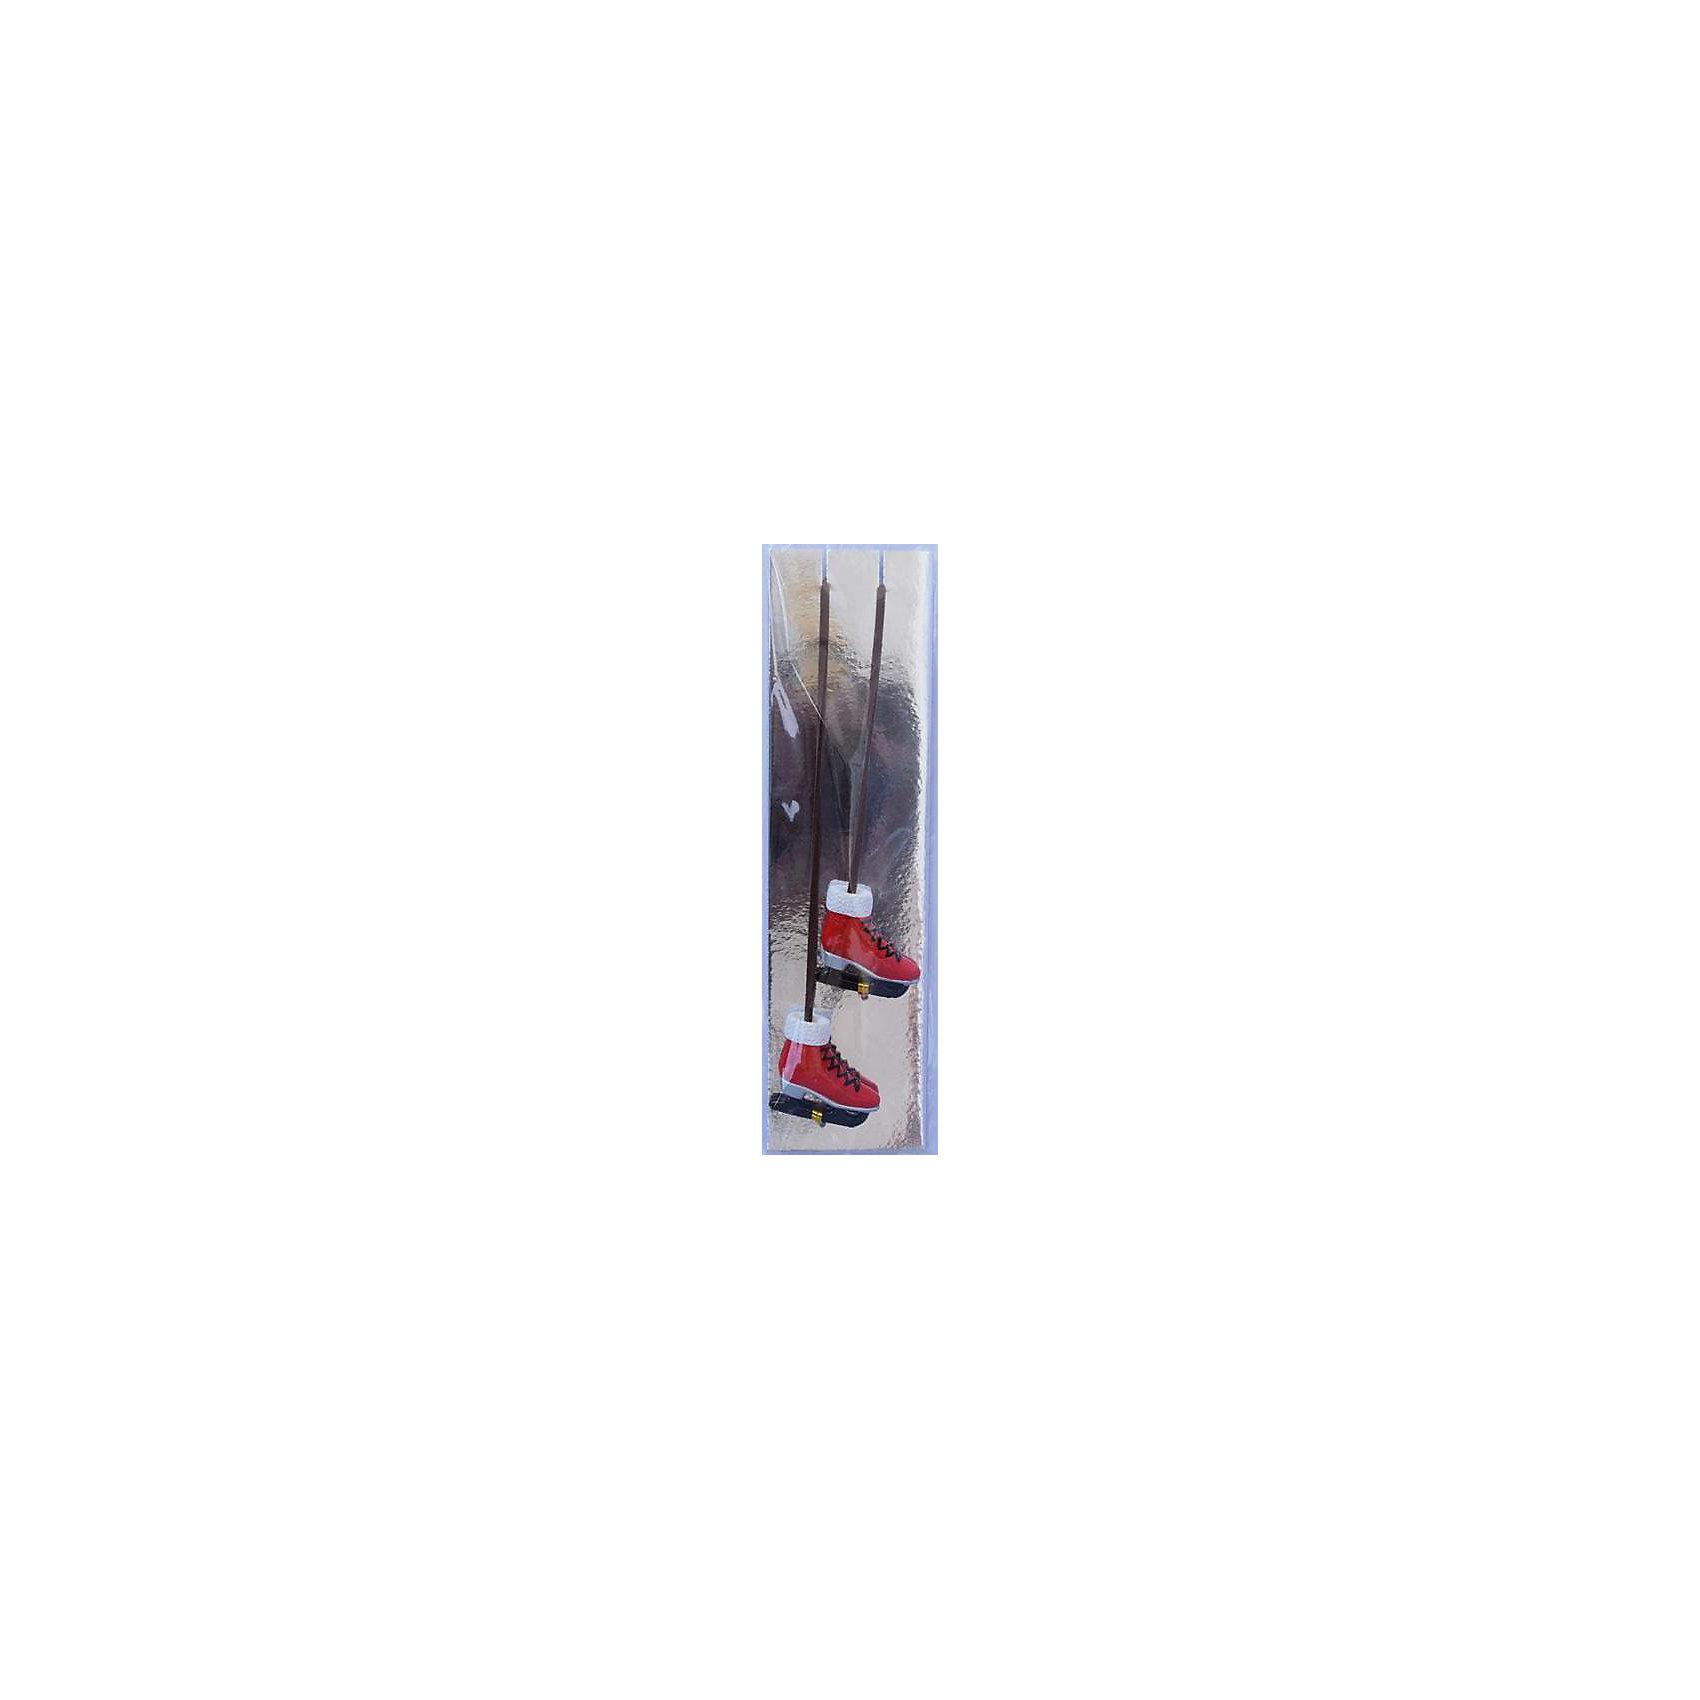 Magic Time Набор украшений Красные коньки 2 шт kitchenaid набор прямоугольных чаш для запекания 0 45 л 2 шт красные